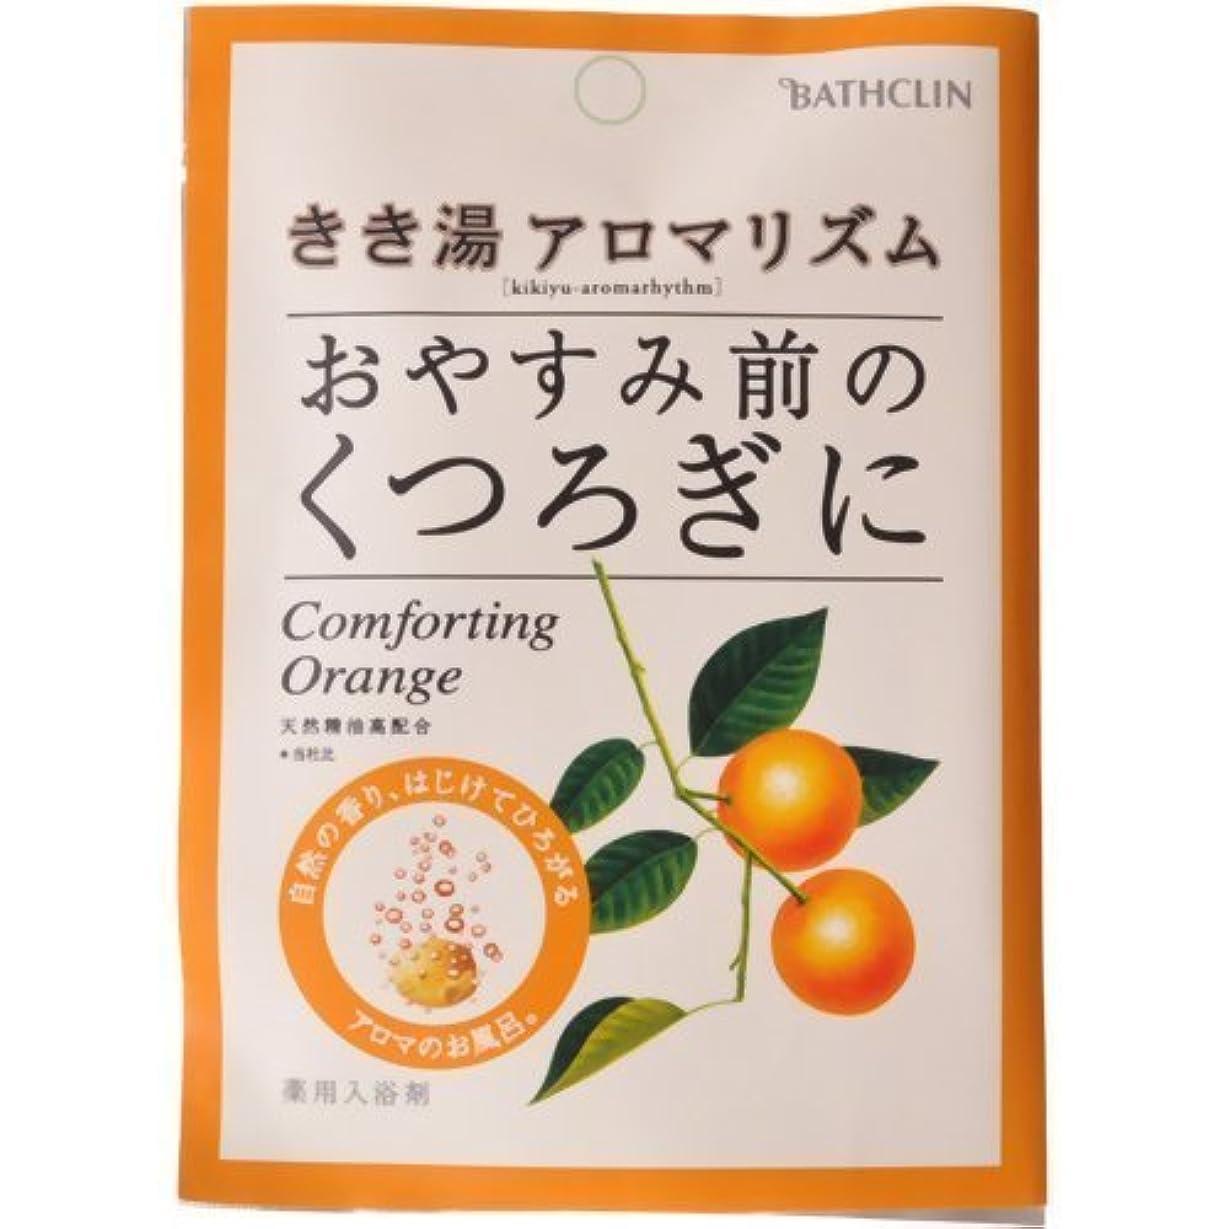 部屋を掃除する水銀の圧倒するきき湯 アロマリズム コンフォーティングの香り 30g